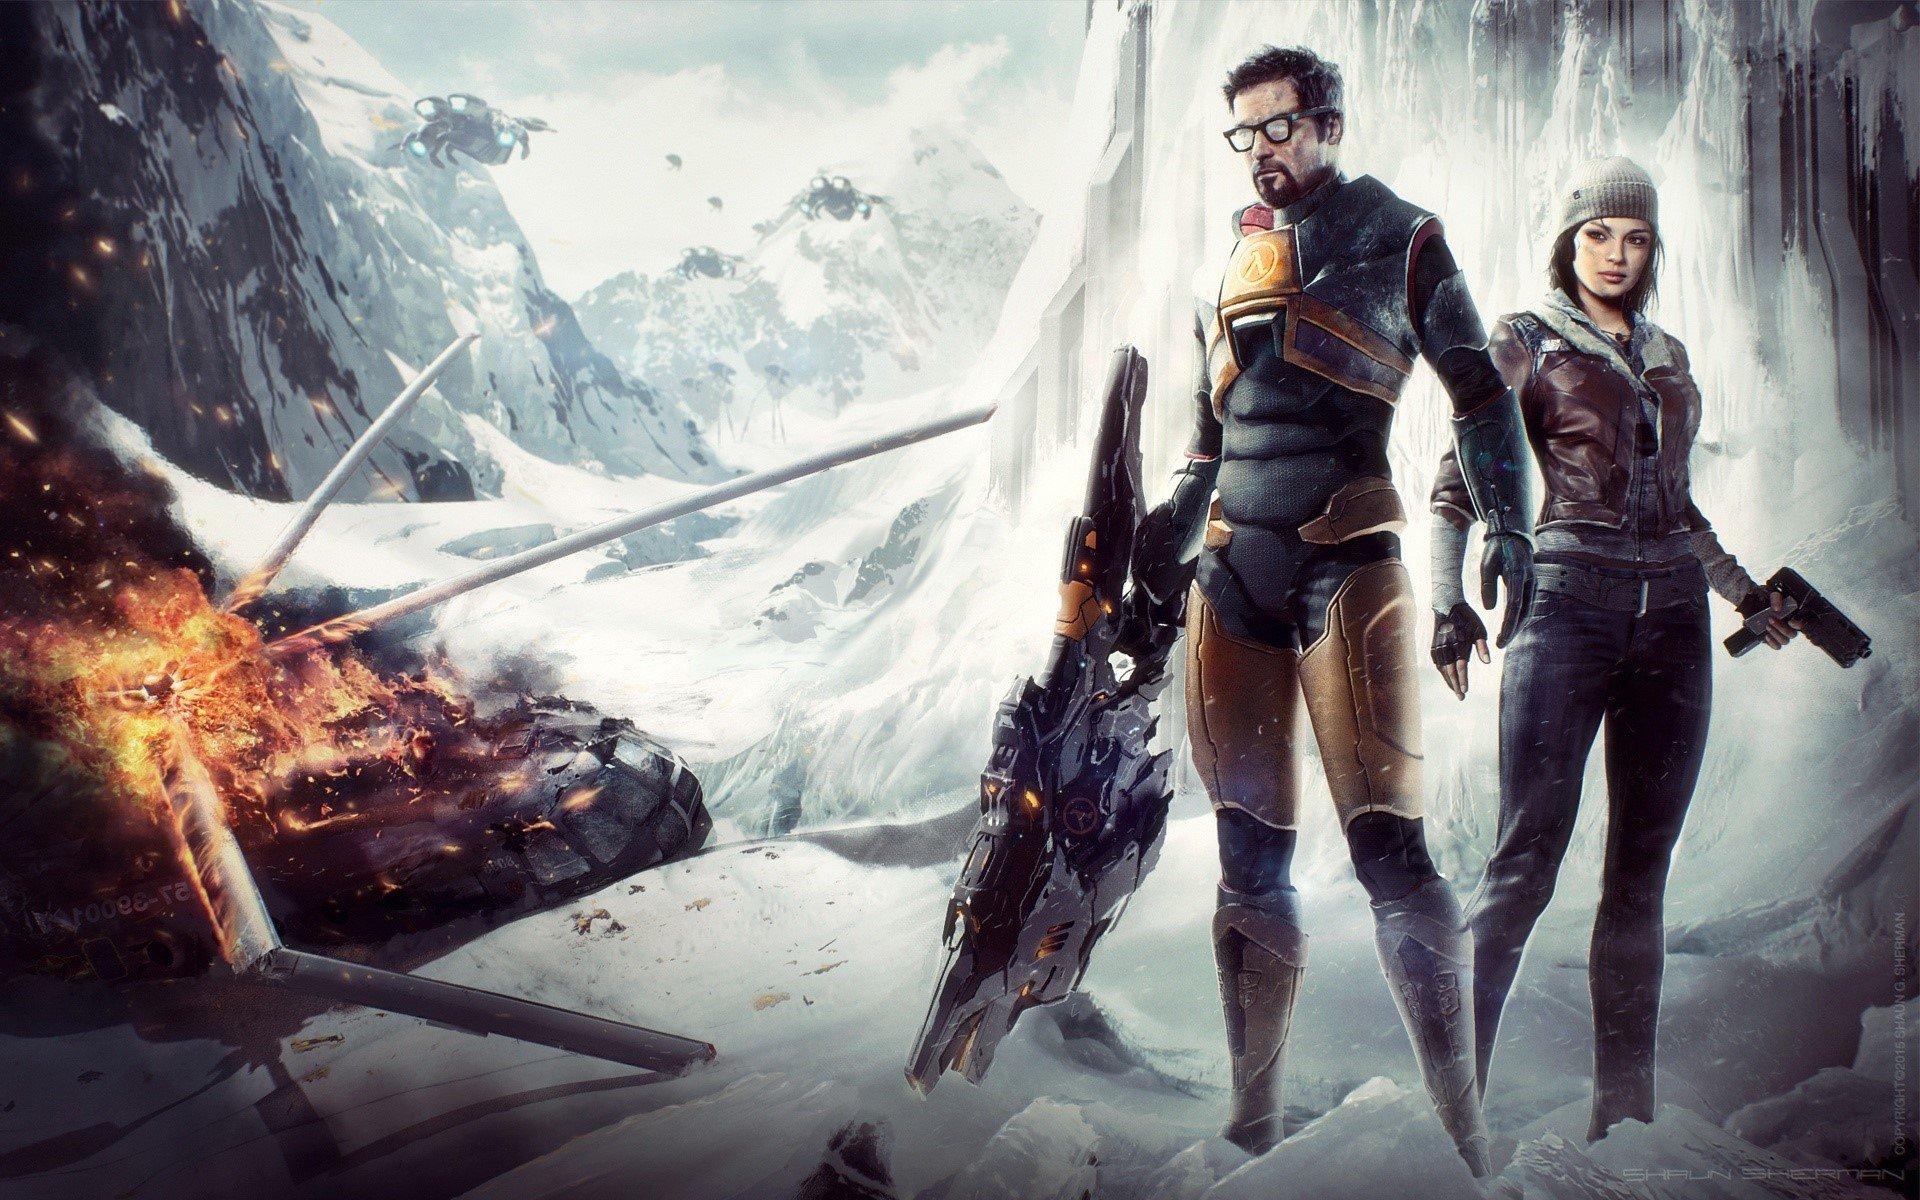 Fondos de pantalla Gordon Freeman de Half-life